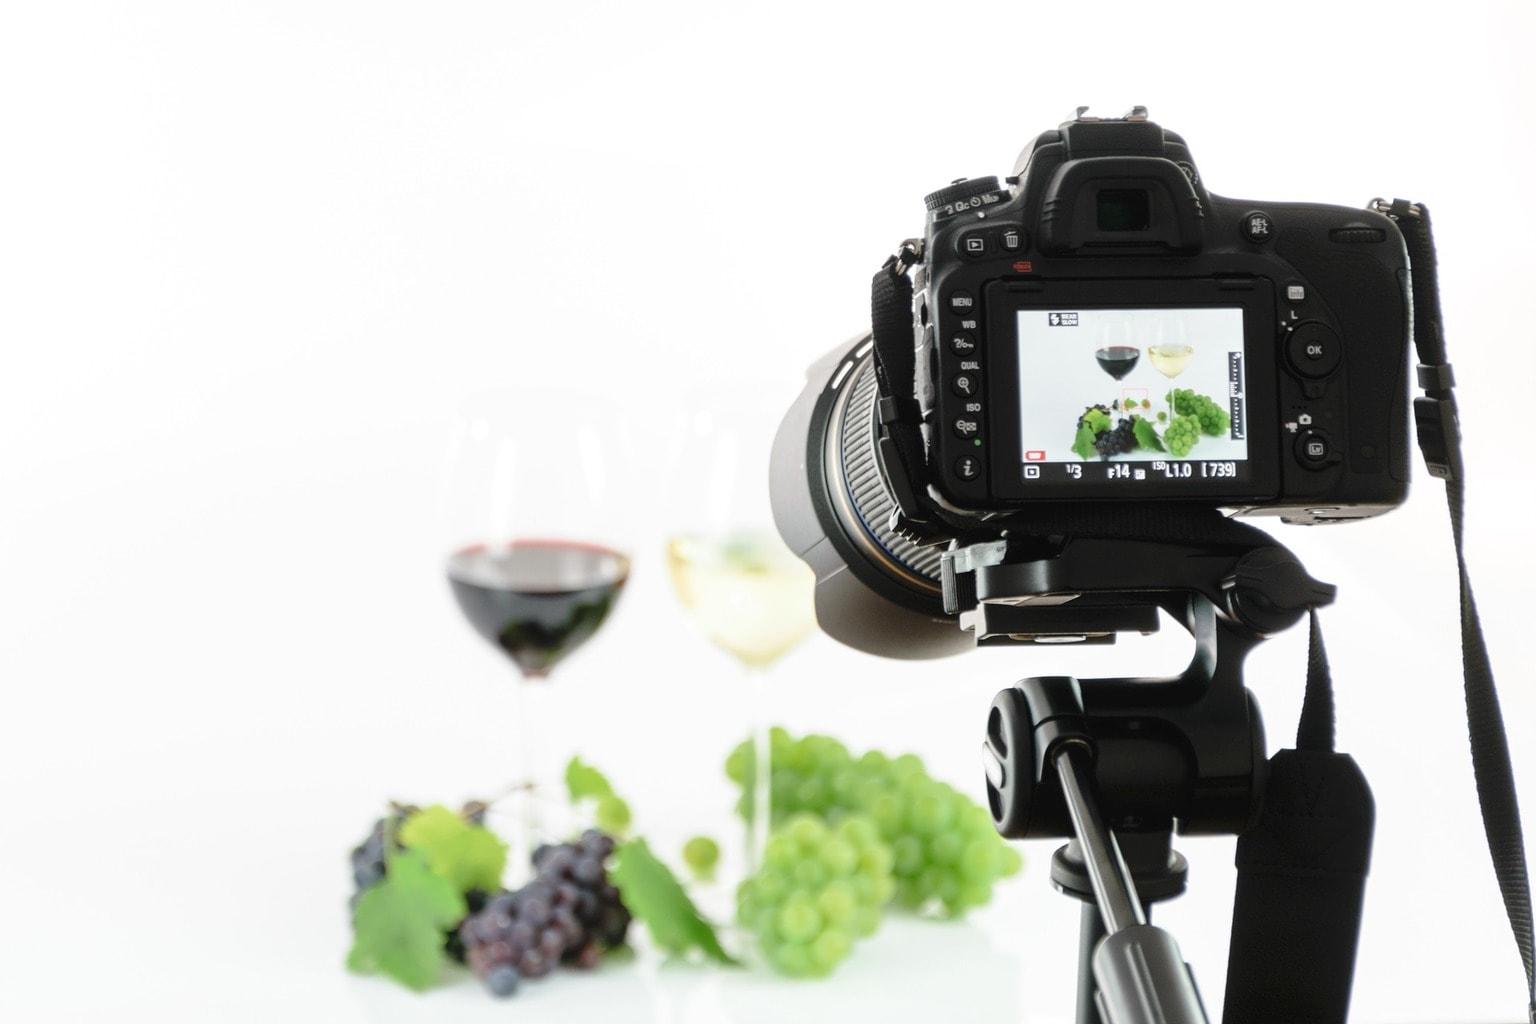 fotografía de una cámara réflex tomando foto de vino